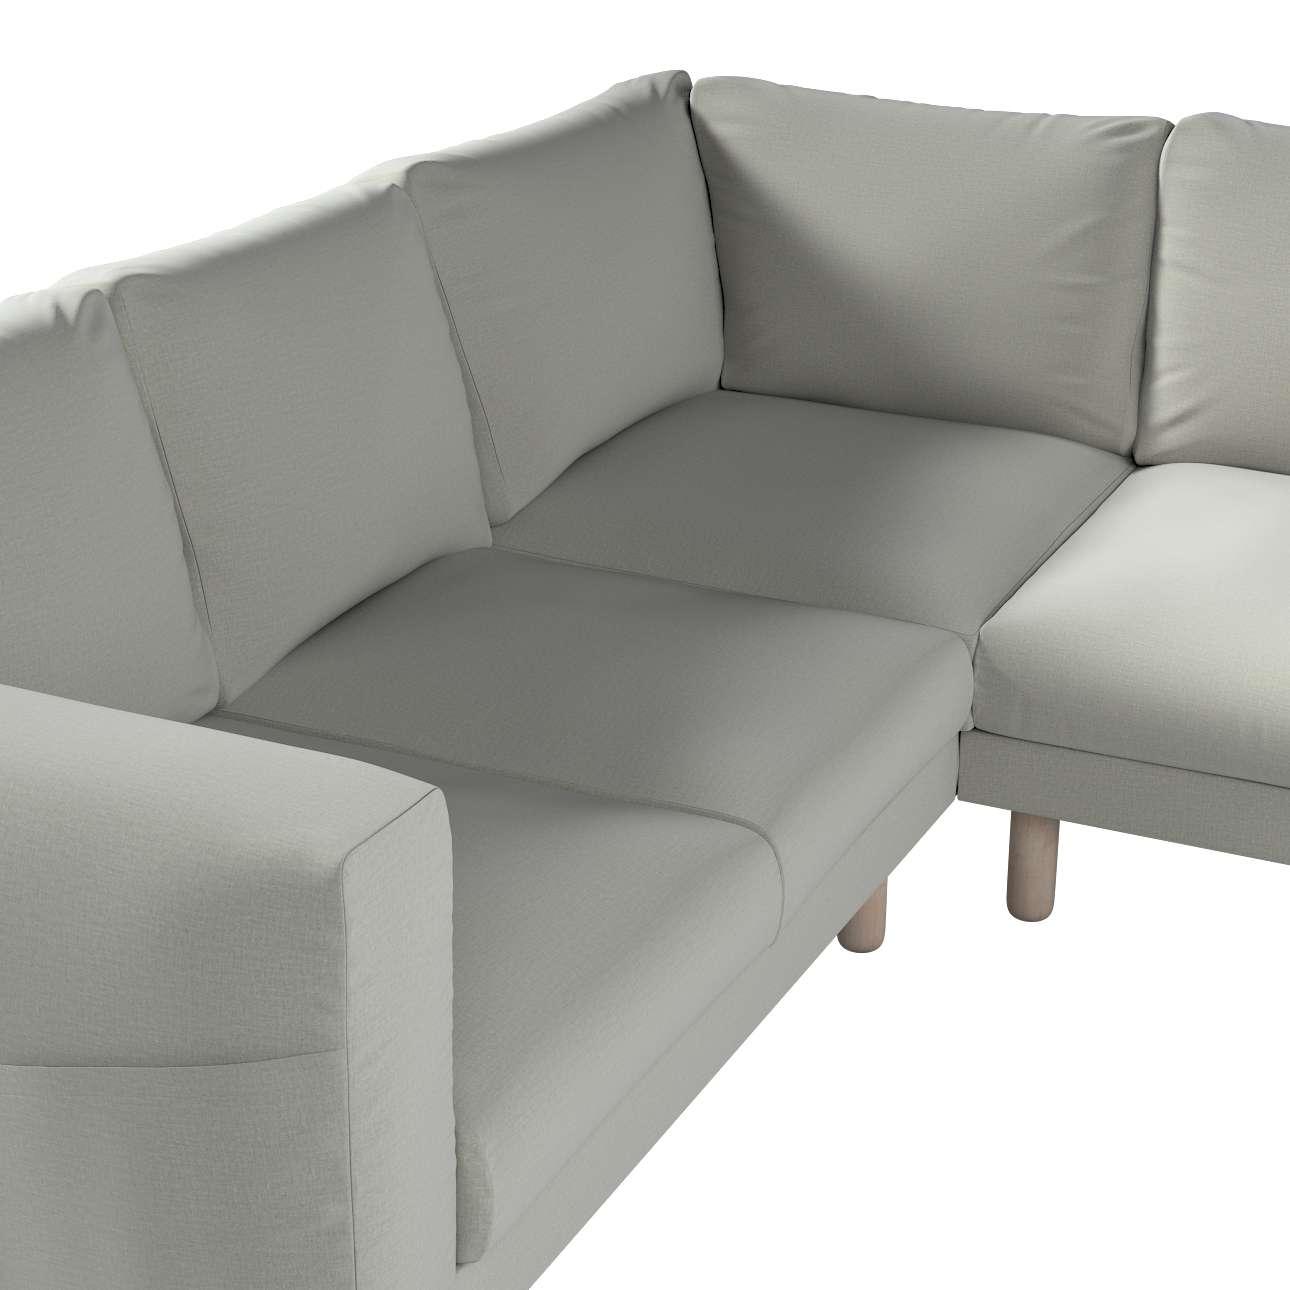 Pokrowiec na sofę narożną Norsborg 4-osobową w kolekcji Ingrid, tkanina: 705-41